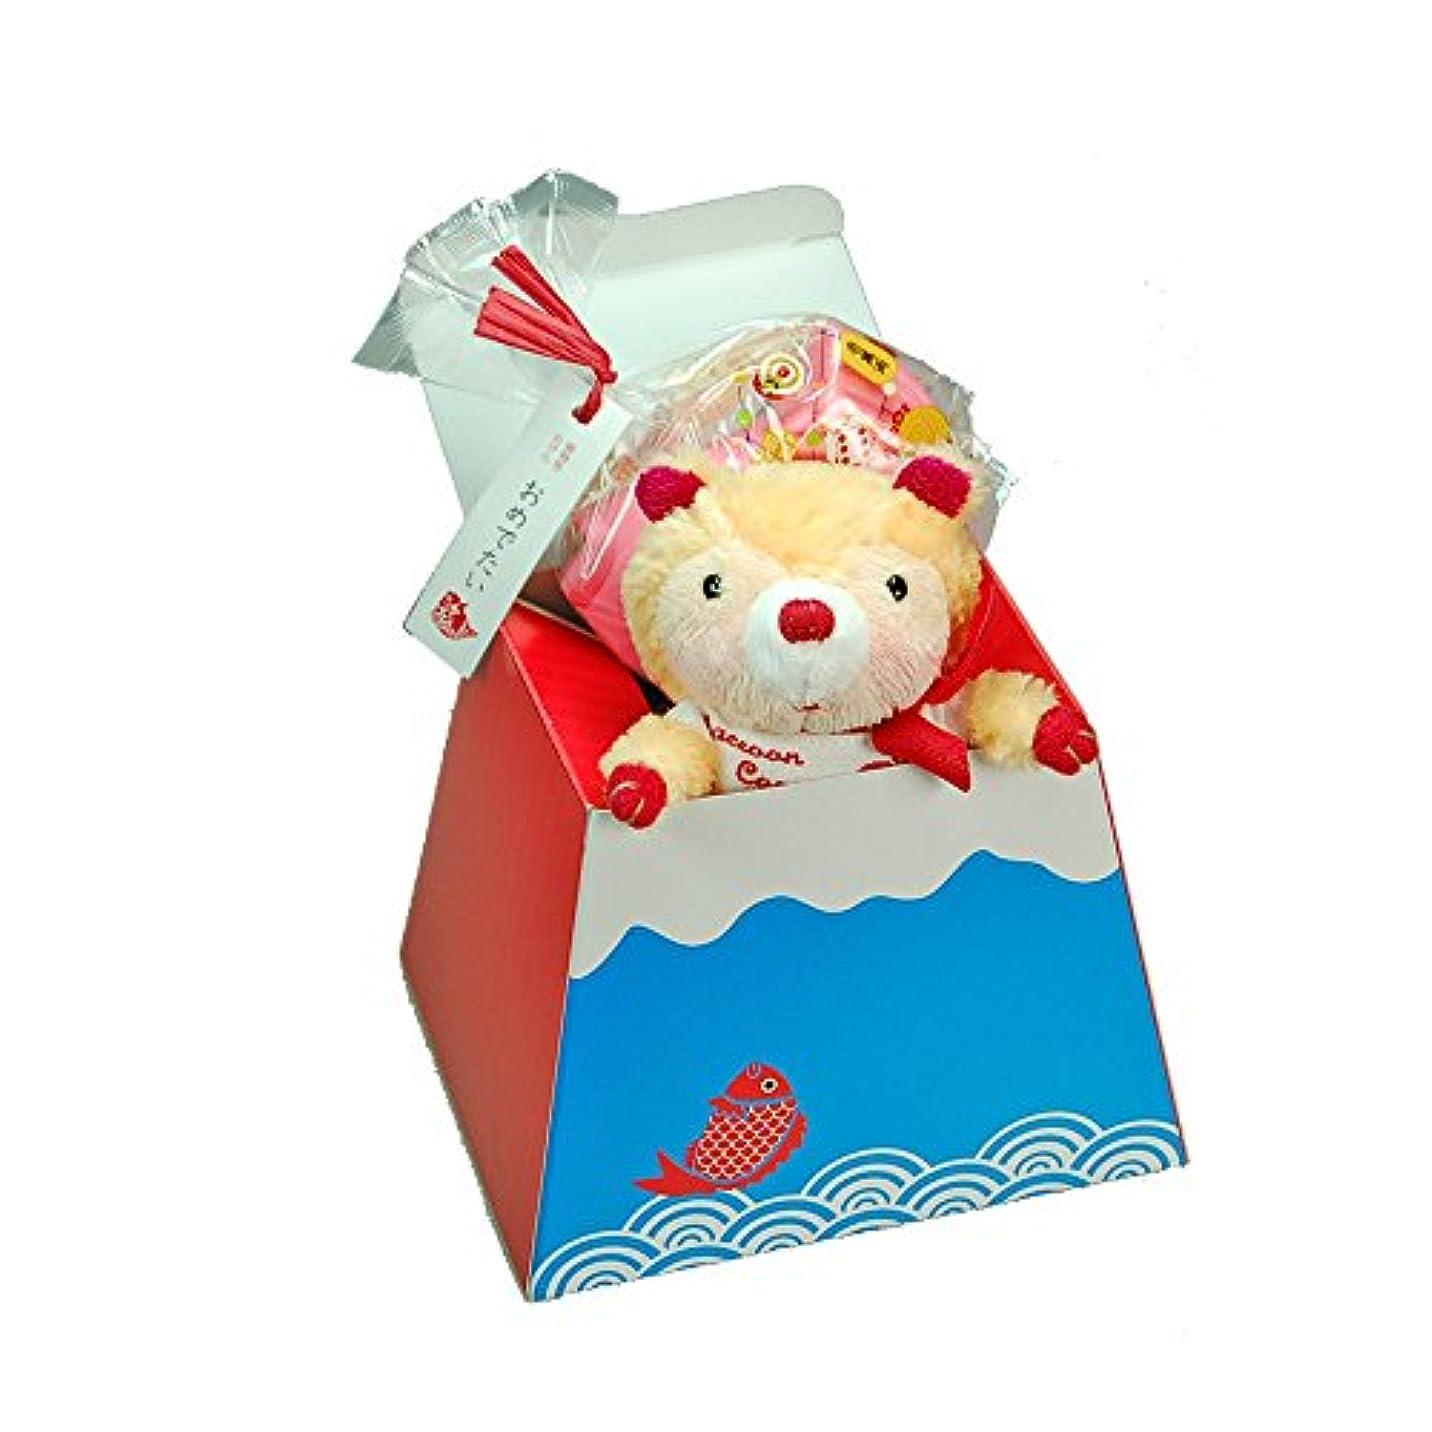 調査隙間大きいプチギフト リトルマスコット 鯛 石けん 富士山ラッピング付き 誕生日プレゼント お祝い 入学 卒業  (リトルセット)